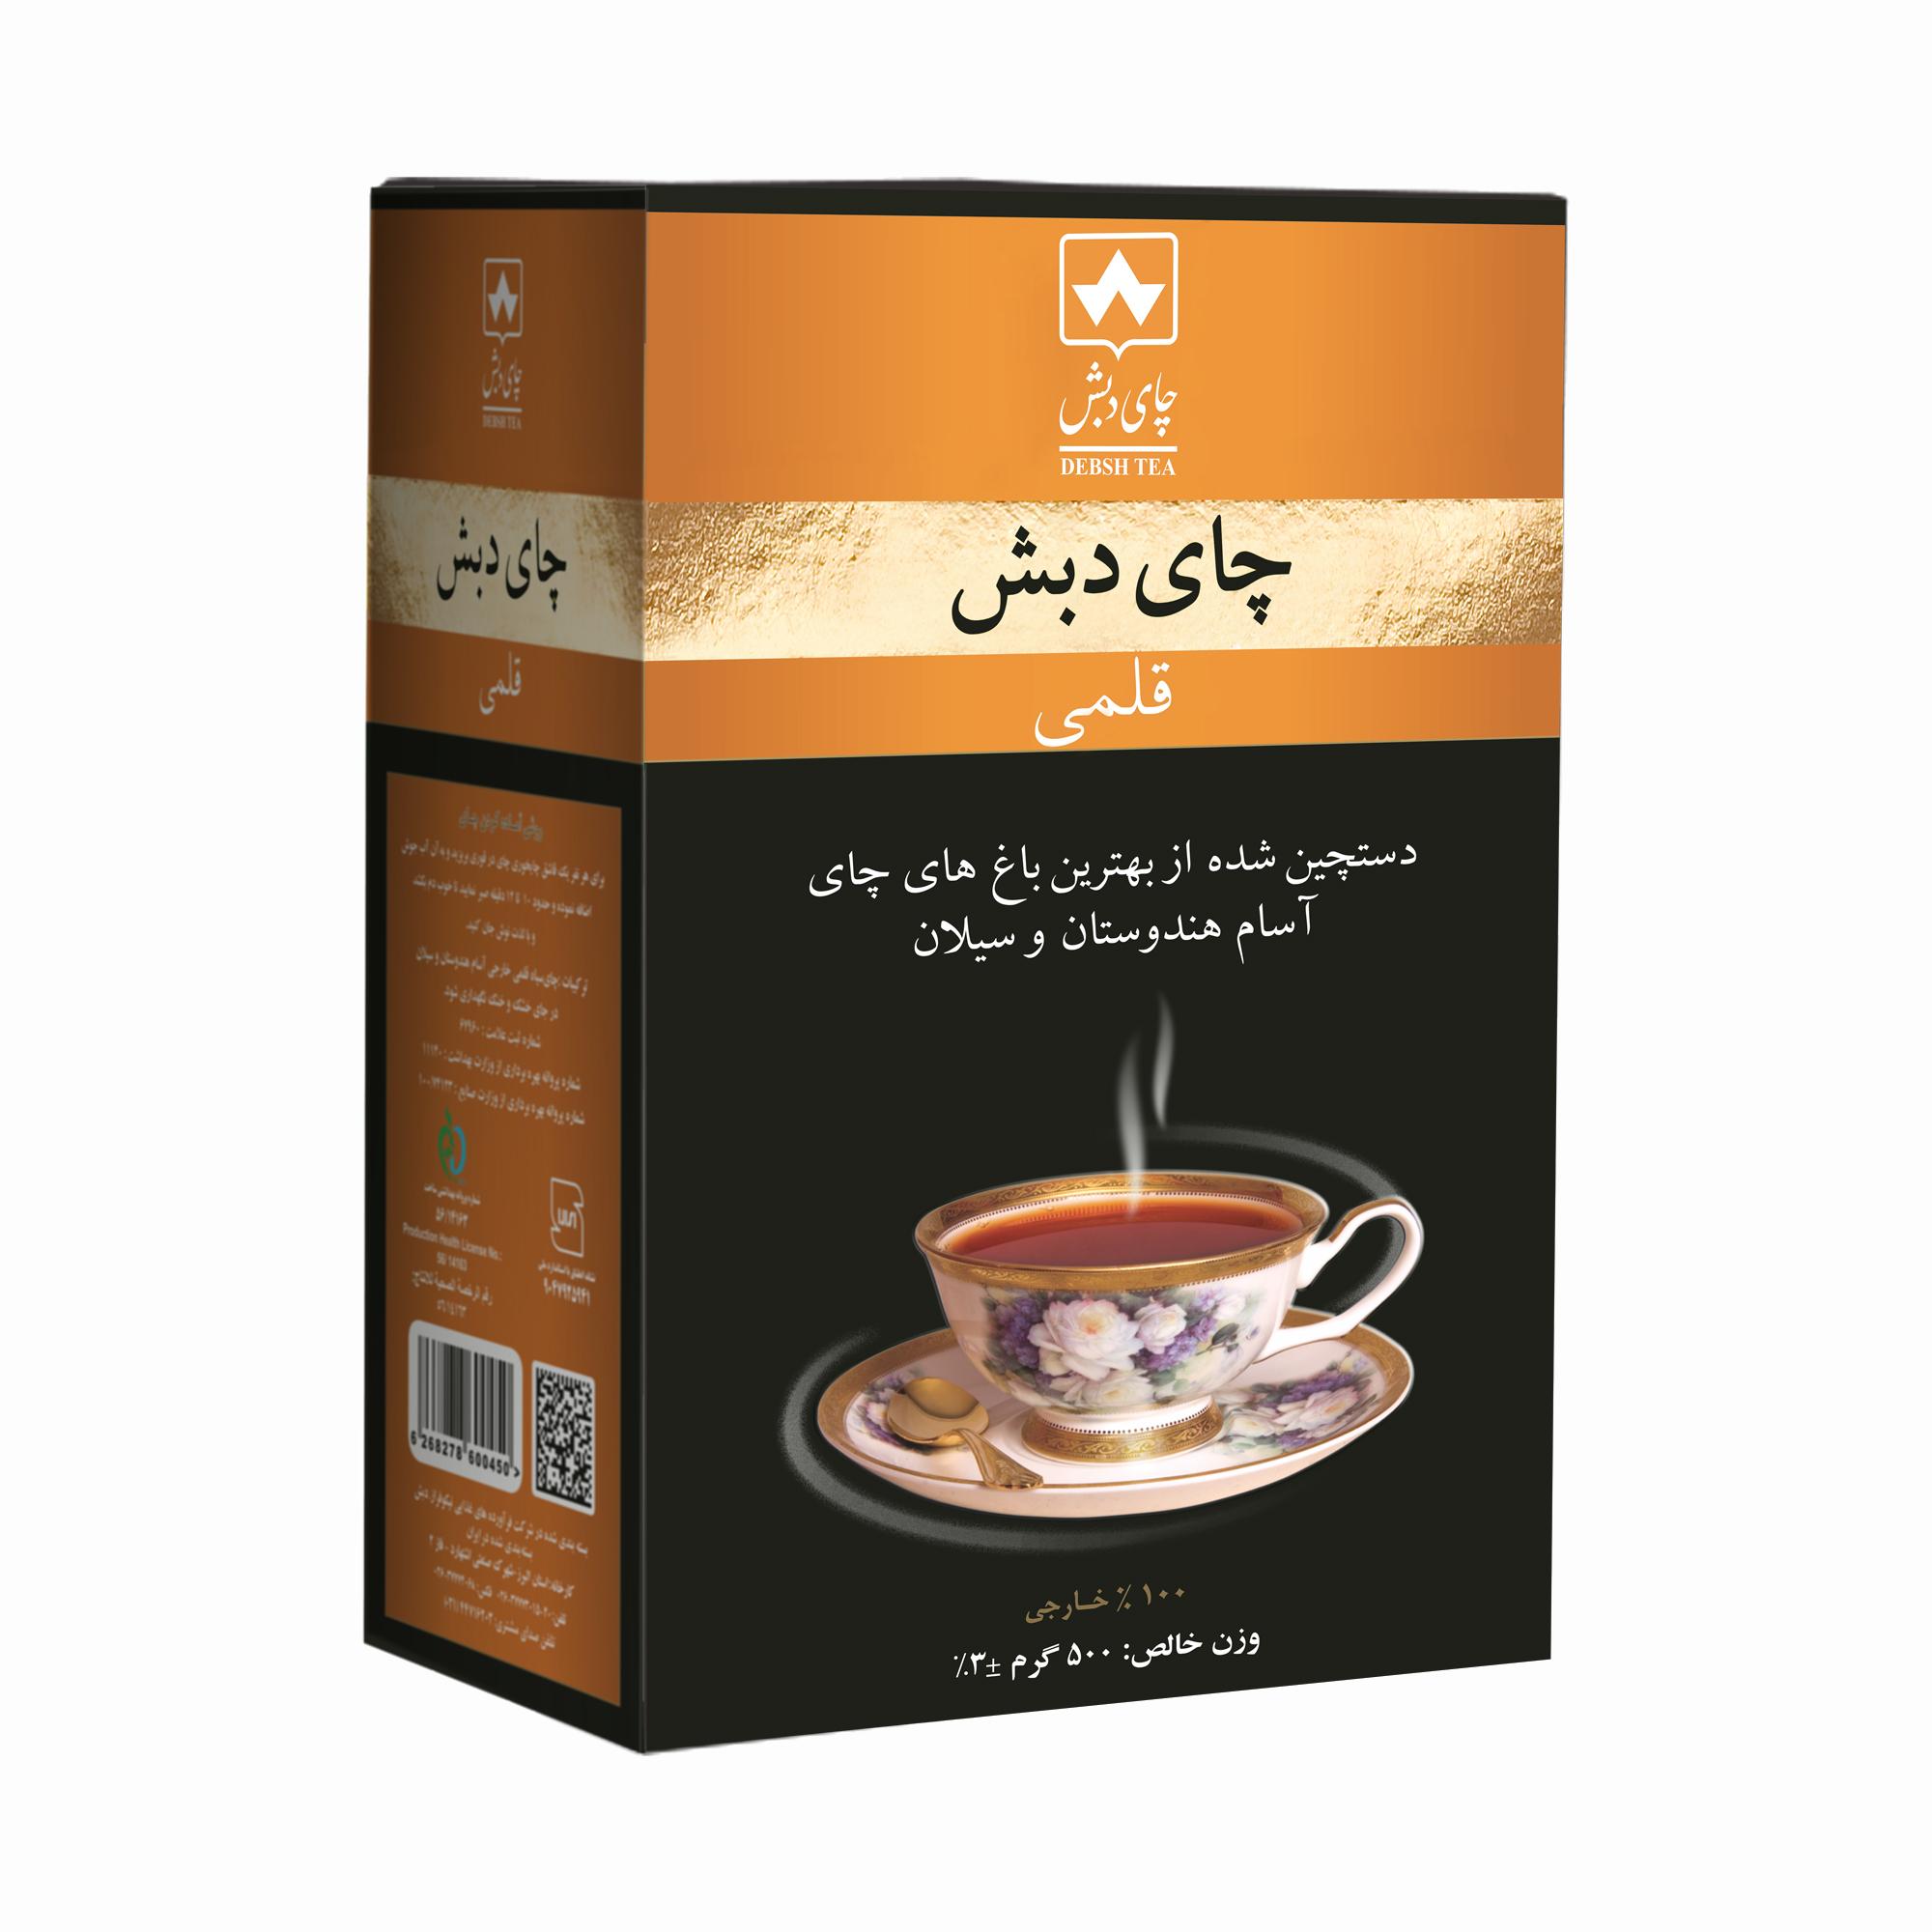 چای قلمی چای دبش - 500 گرم